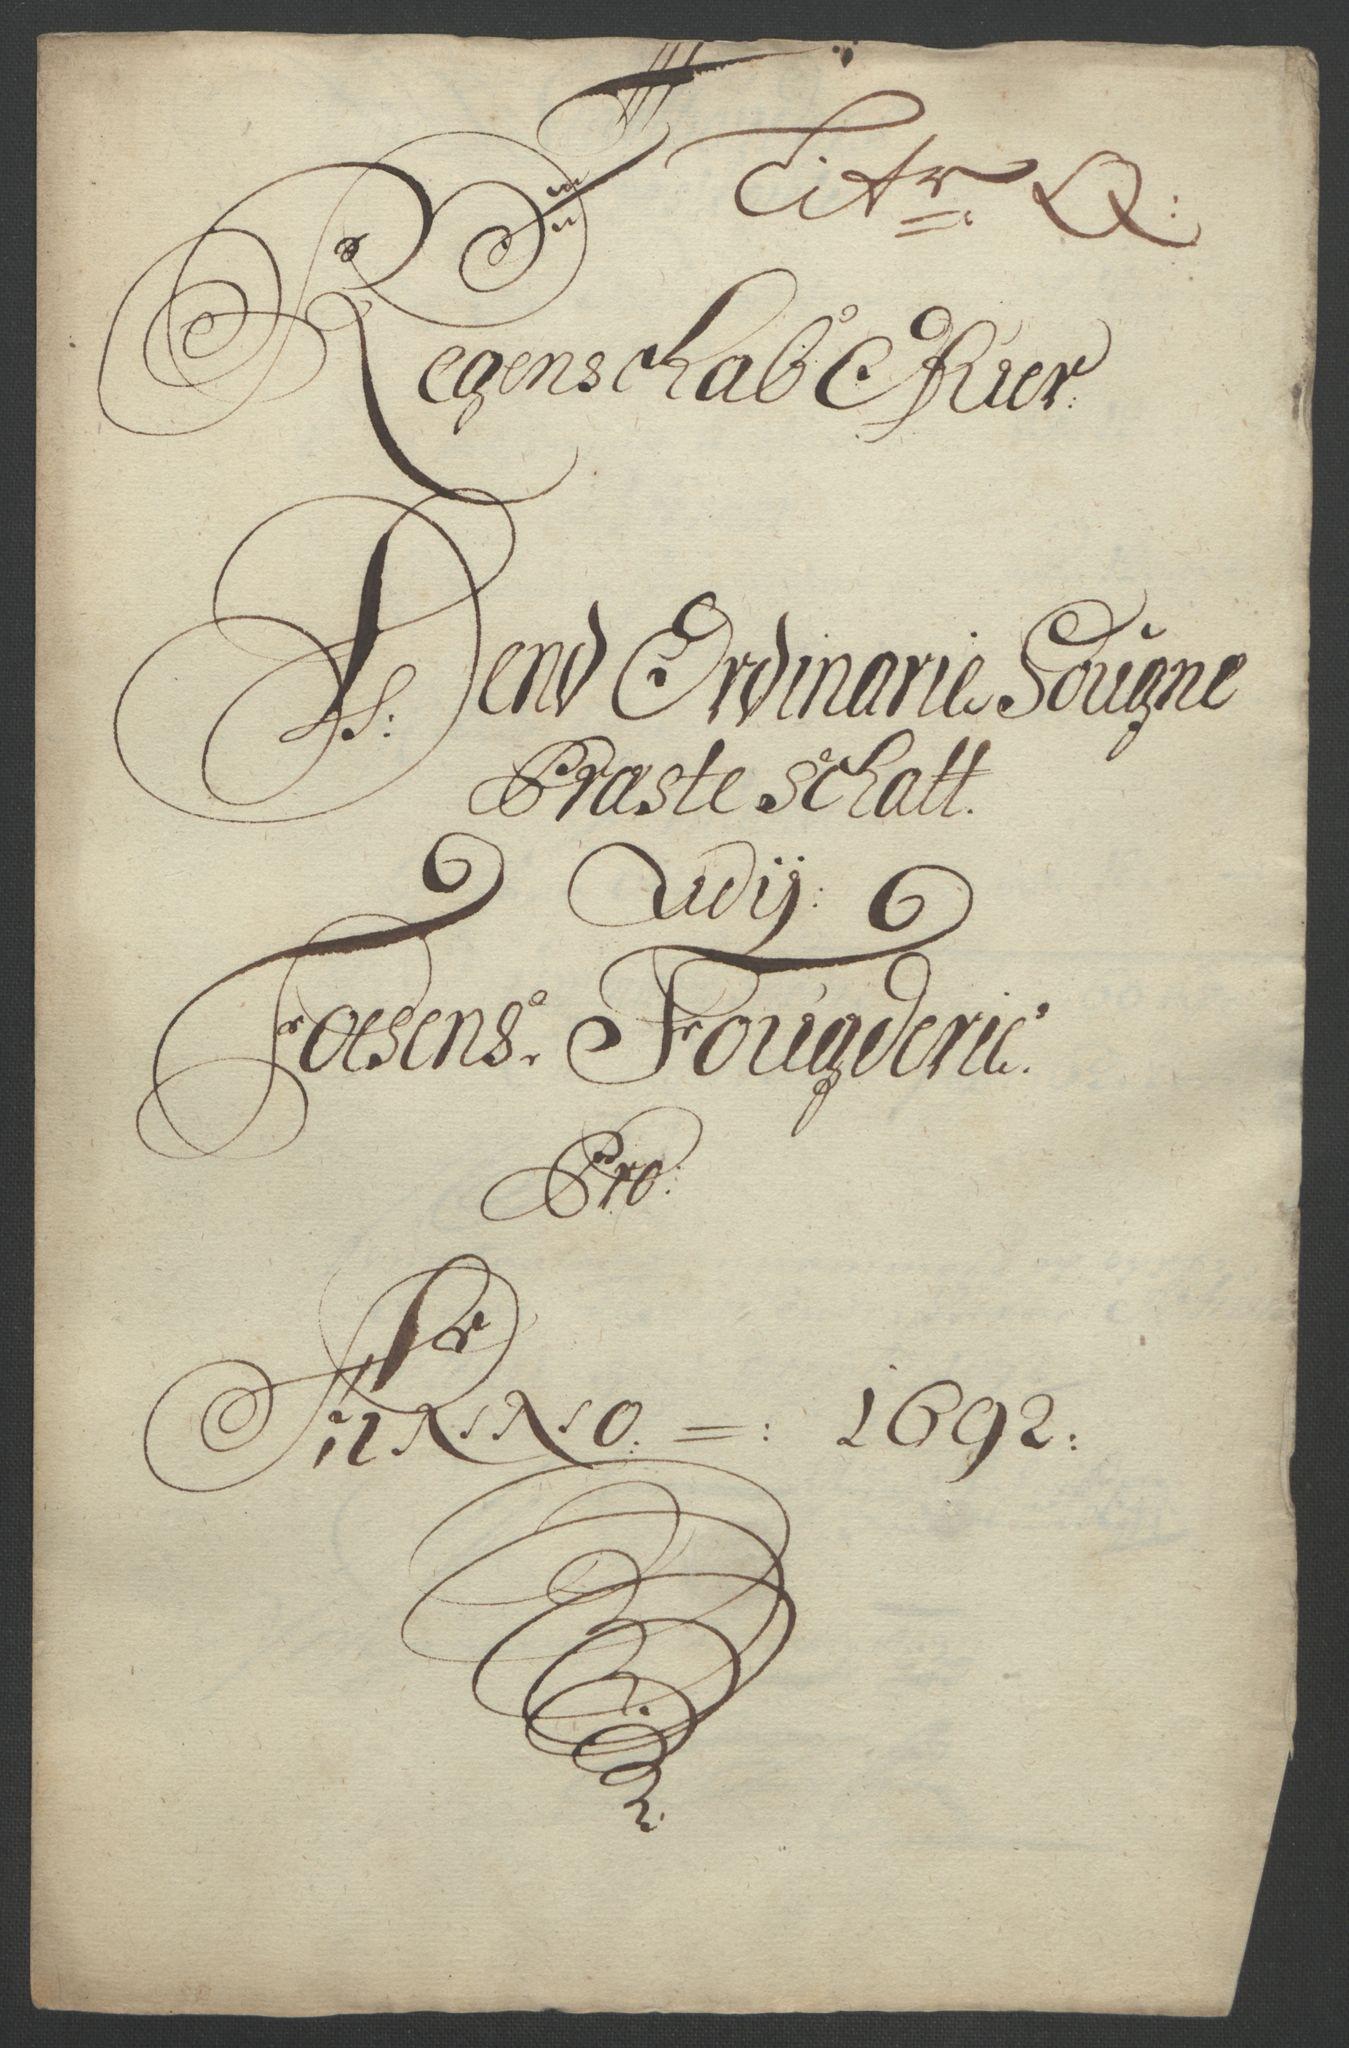 RA, Rentekammeret inntil 1814, Reviderte regnskaper, Fogderegnskap, R57/L3849: Fogderegnskap Fosen, 1692-1693, s. 225